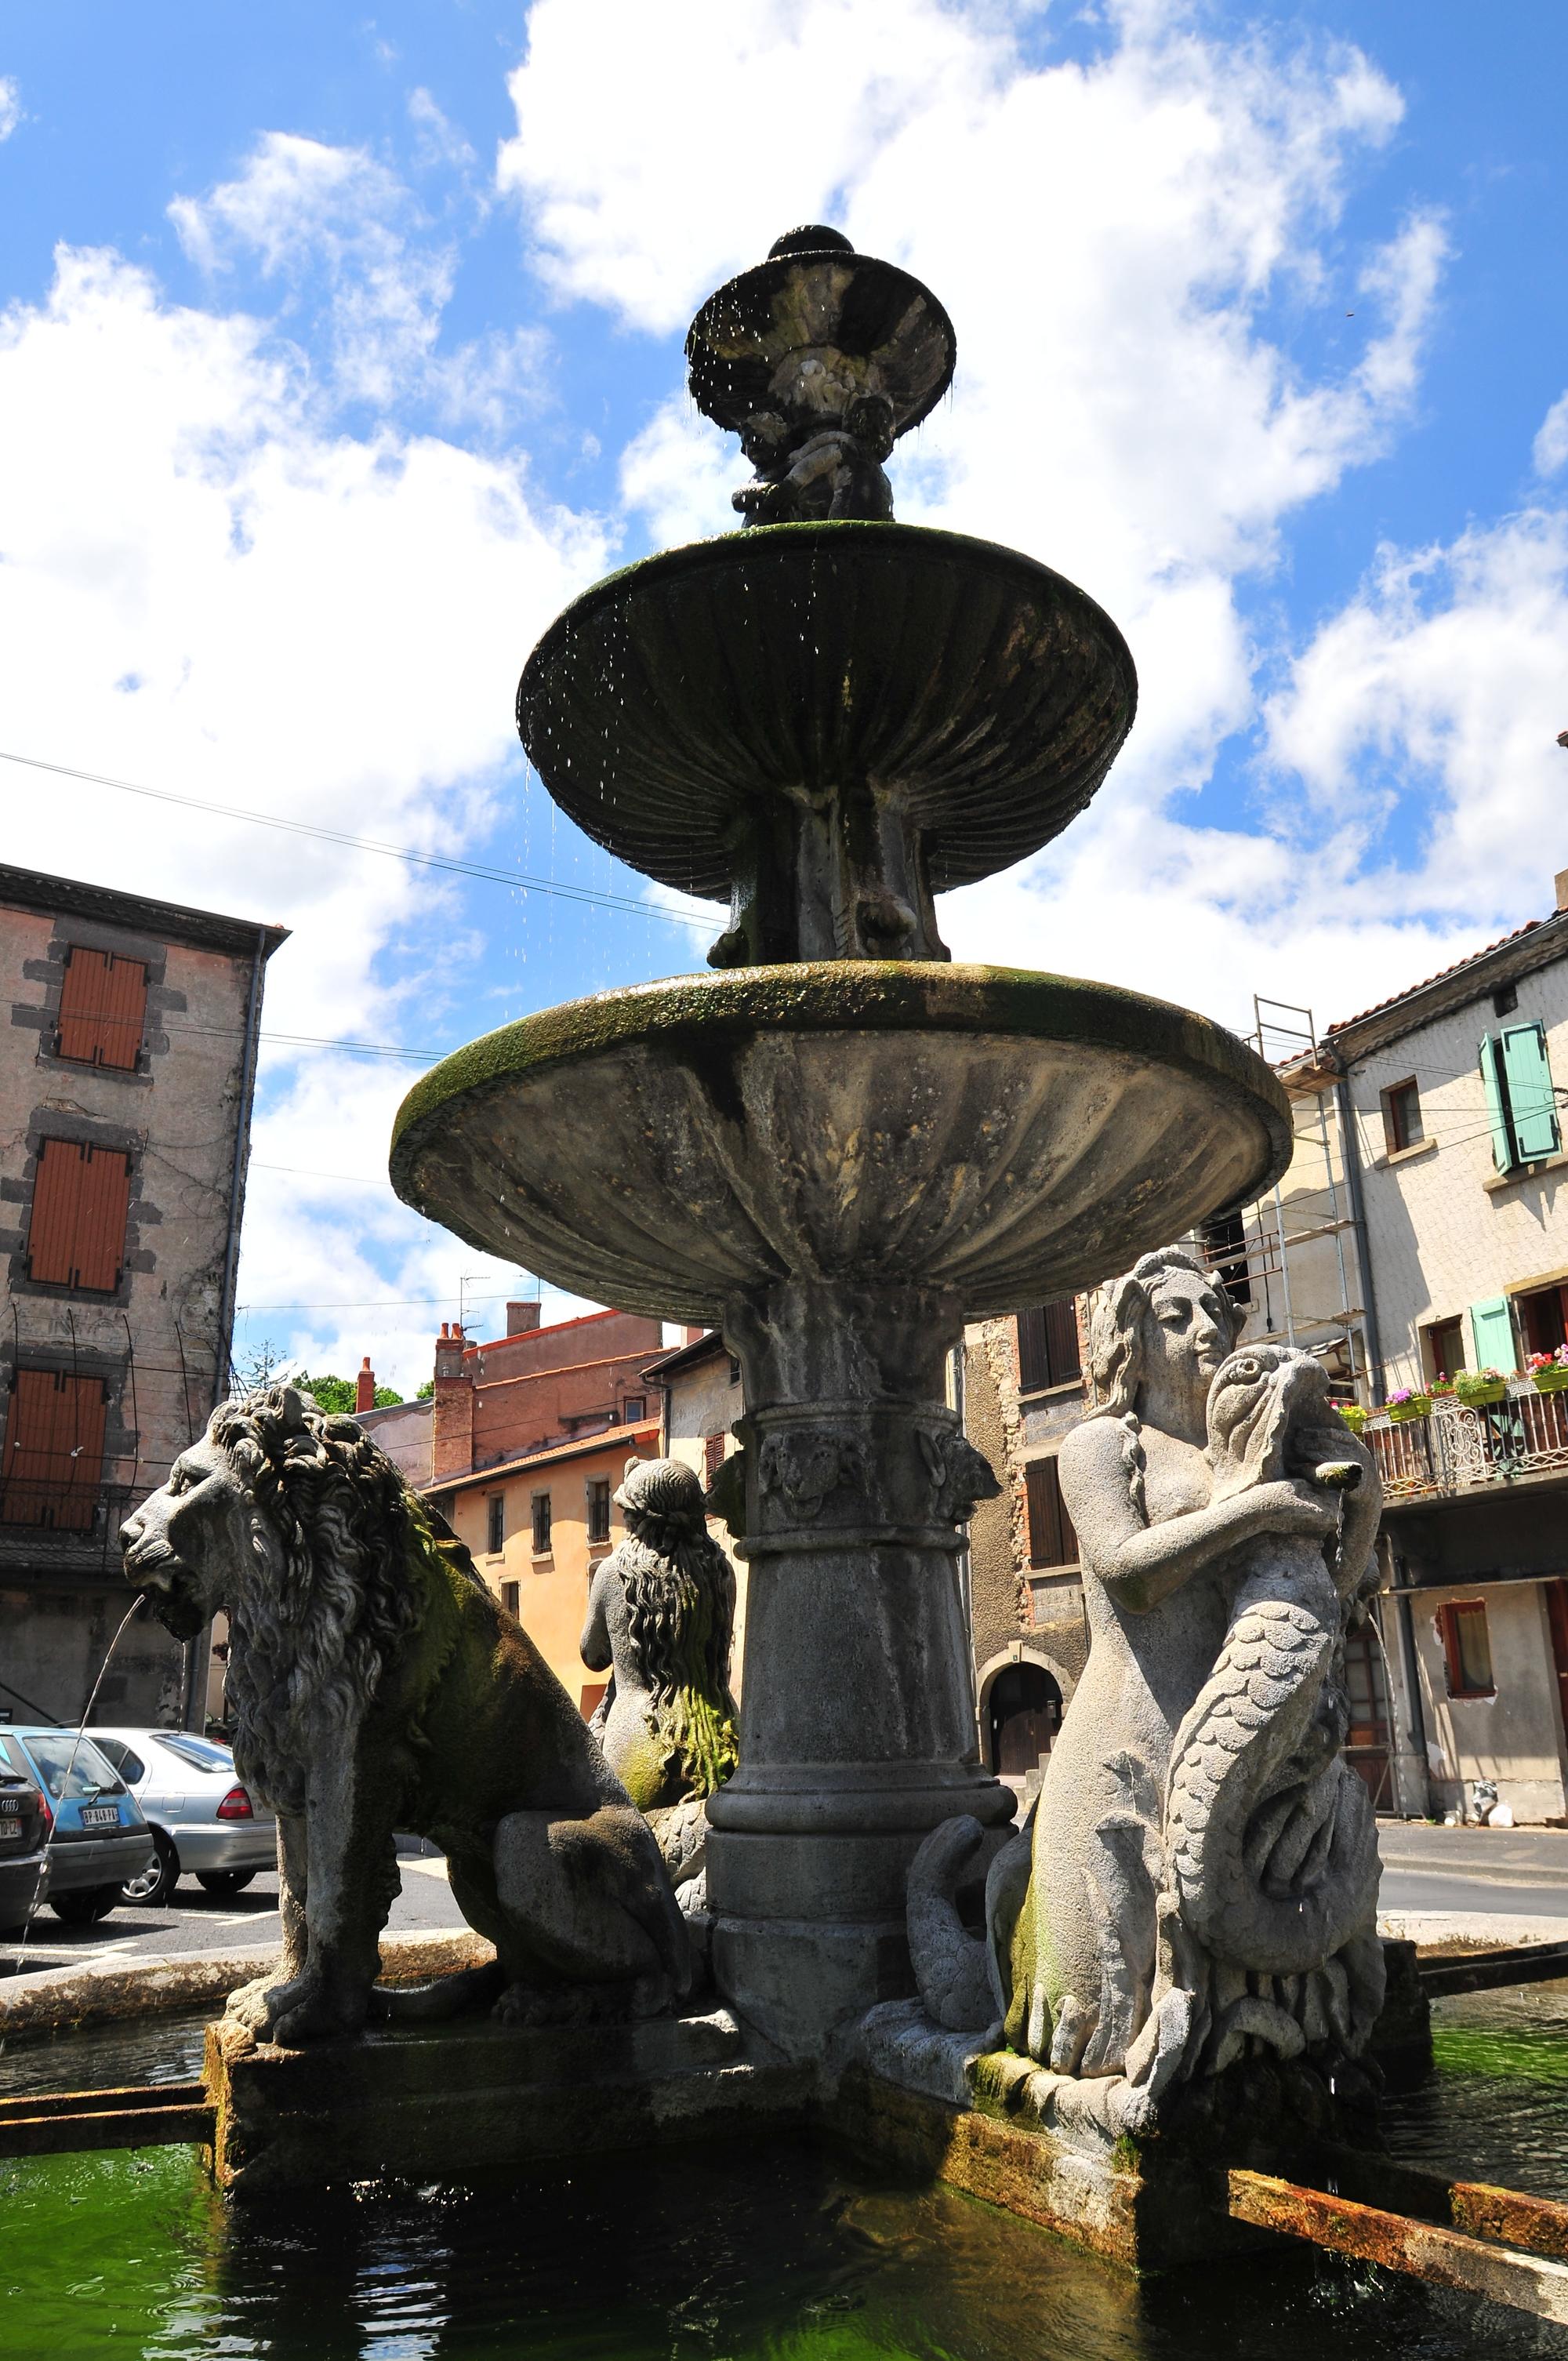 La fontaine aux lions, Plauzat